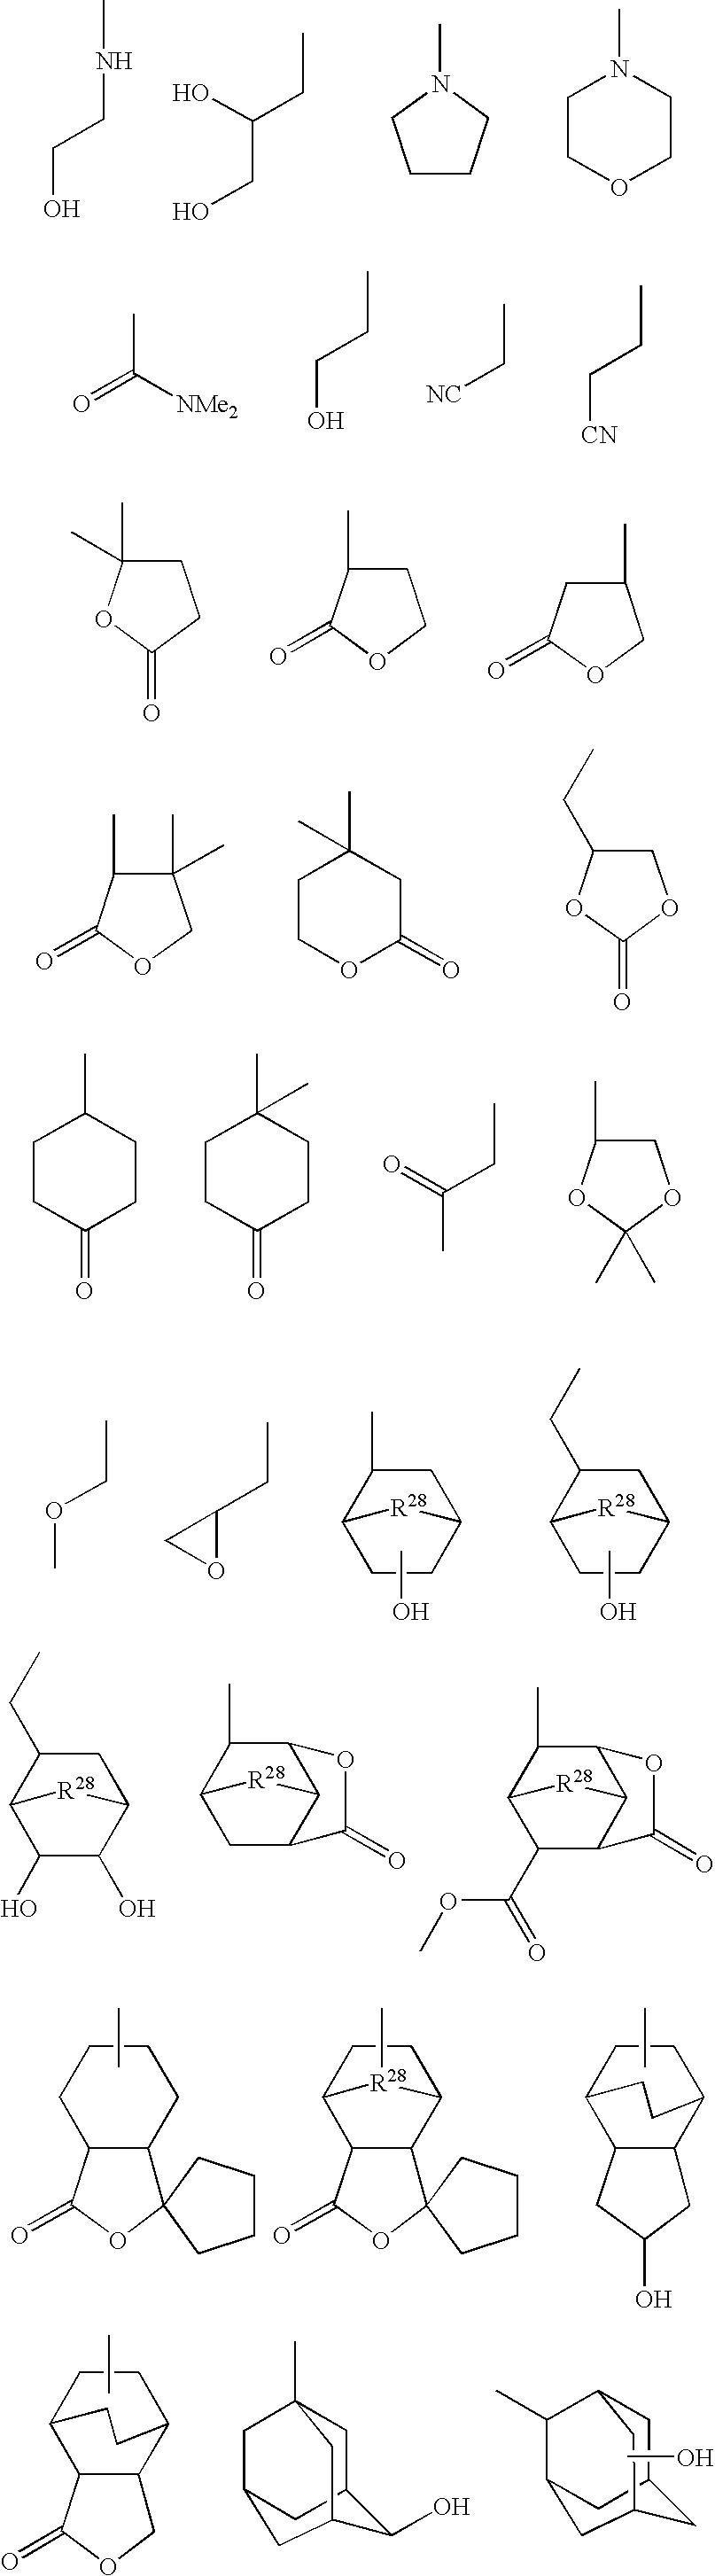 Figure US20050106499A1-20050519-C00011